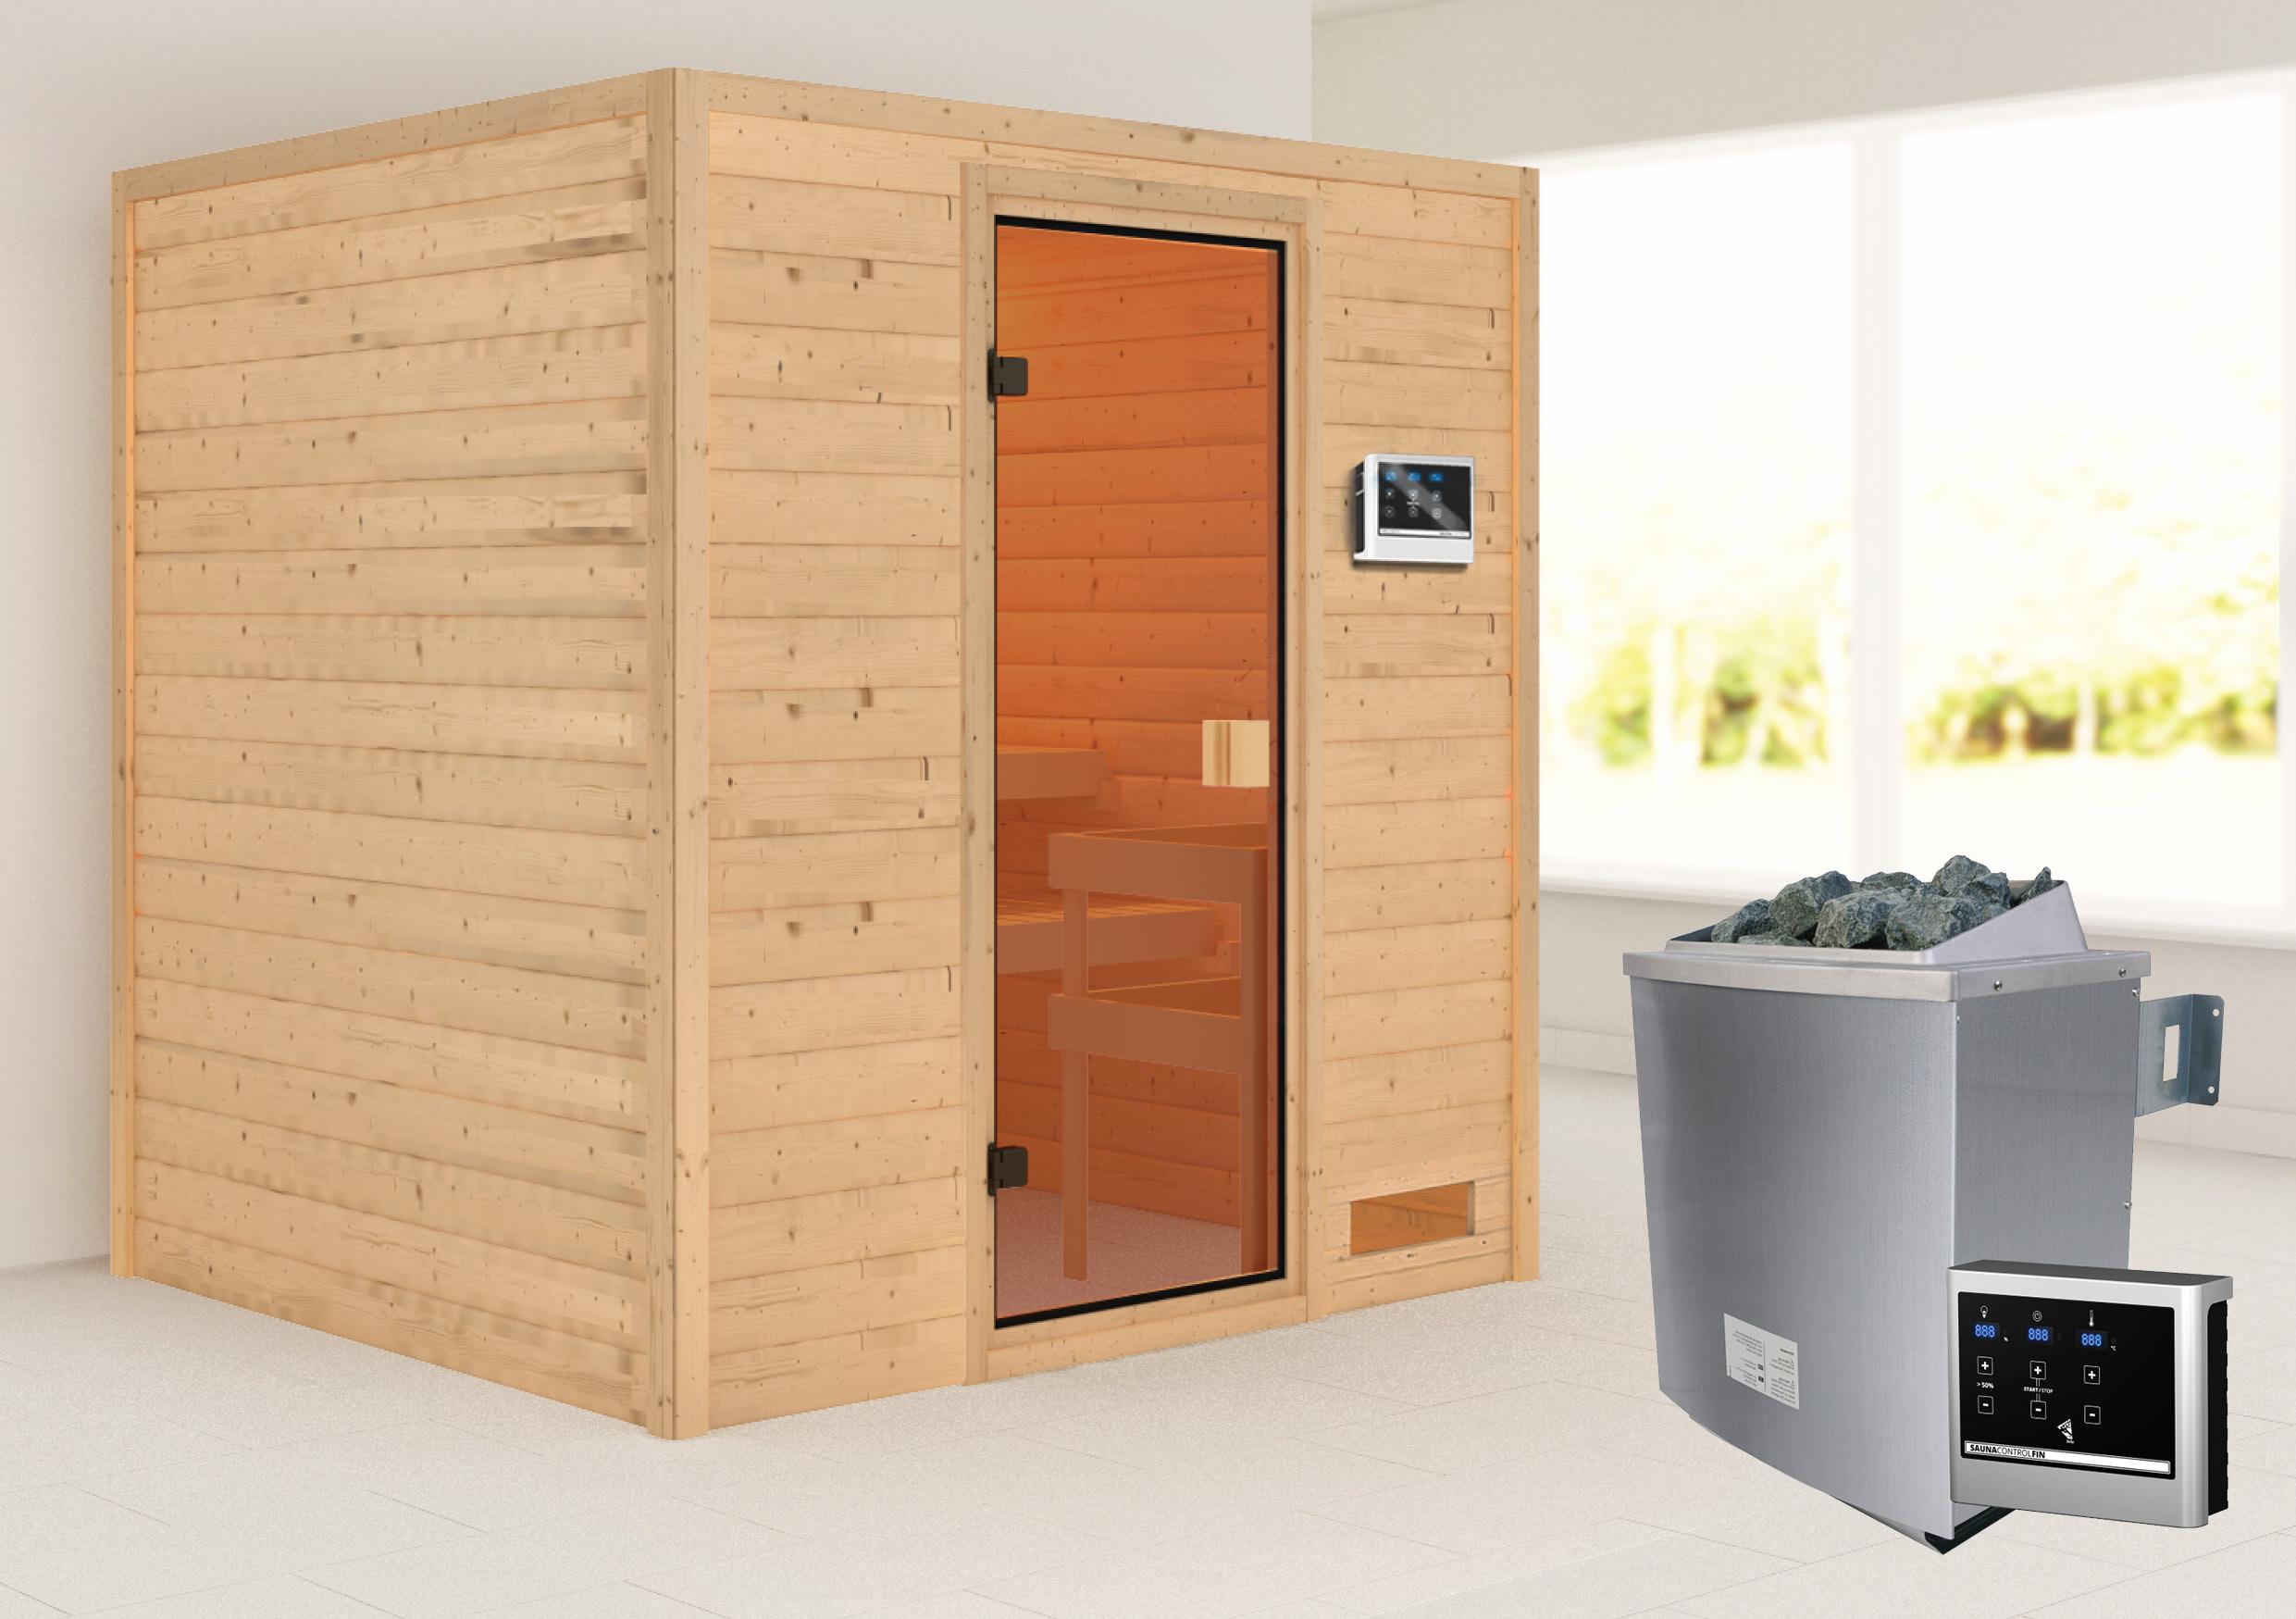 Woodfeeling Sauna Adelina 38mm Saunaofen 9kW extern Bild 1